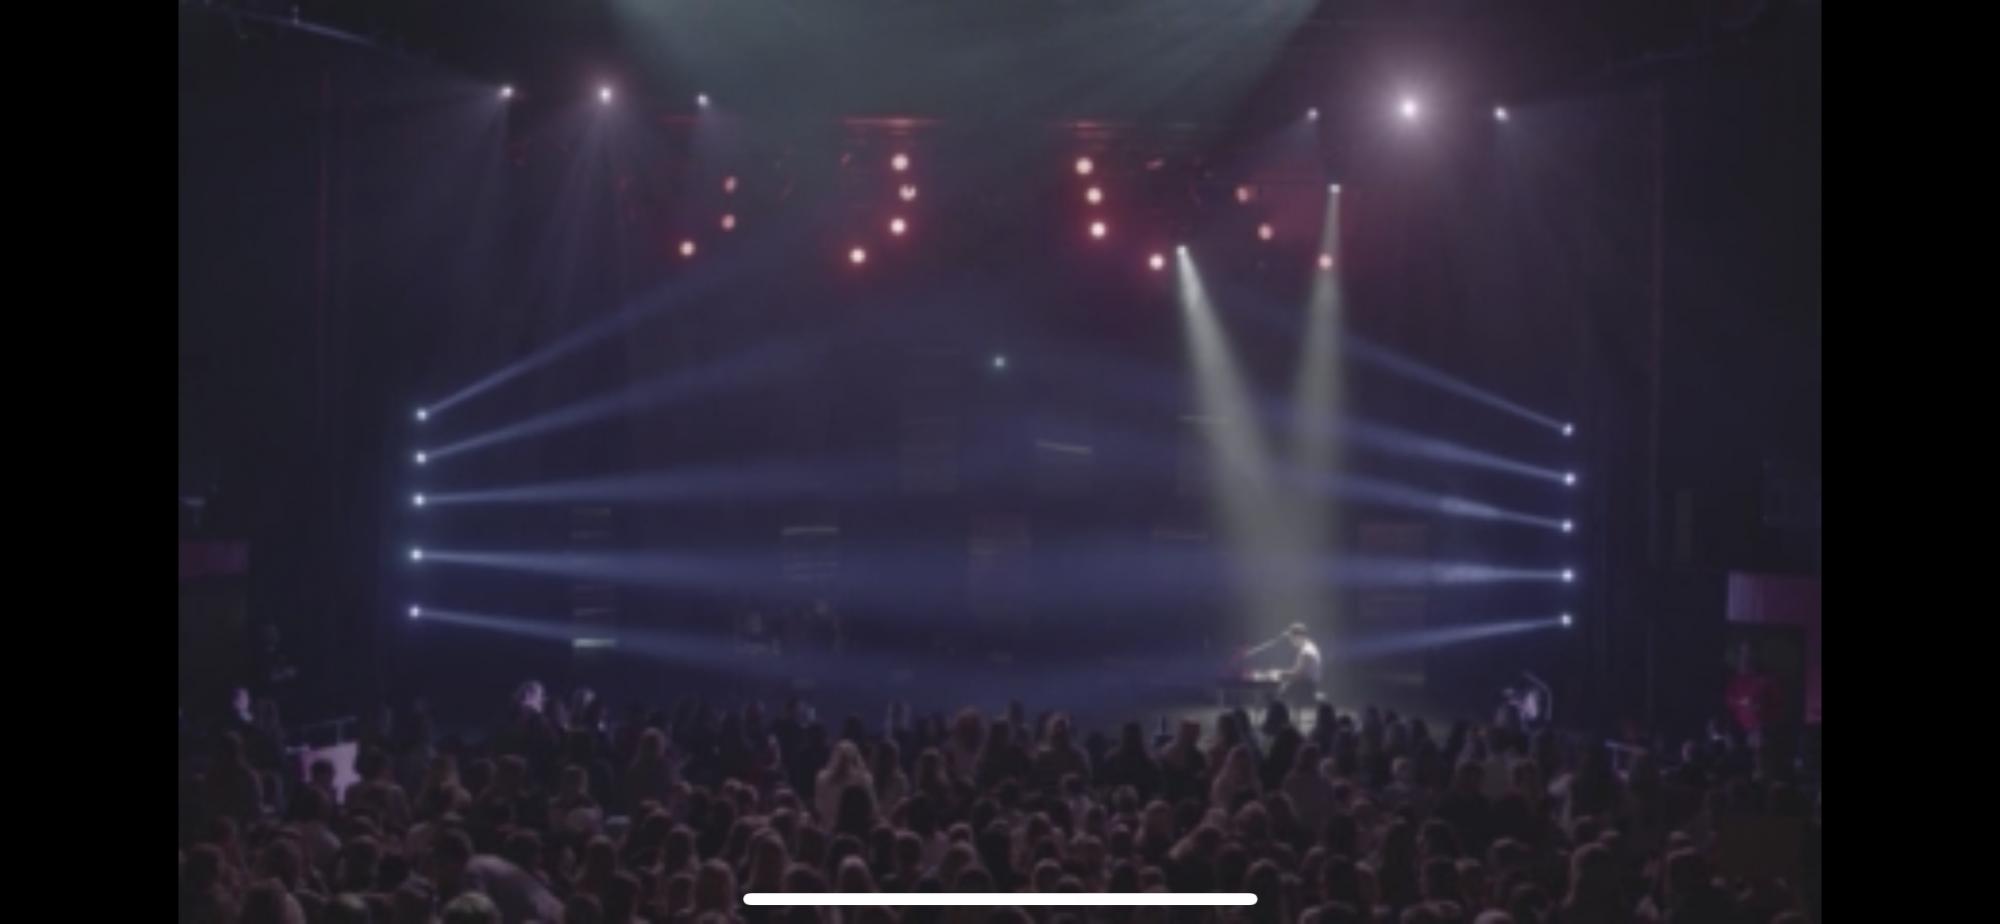 Test d'application: Staccs - Service de streaming pour concerts et documentaires musicaux